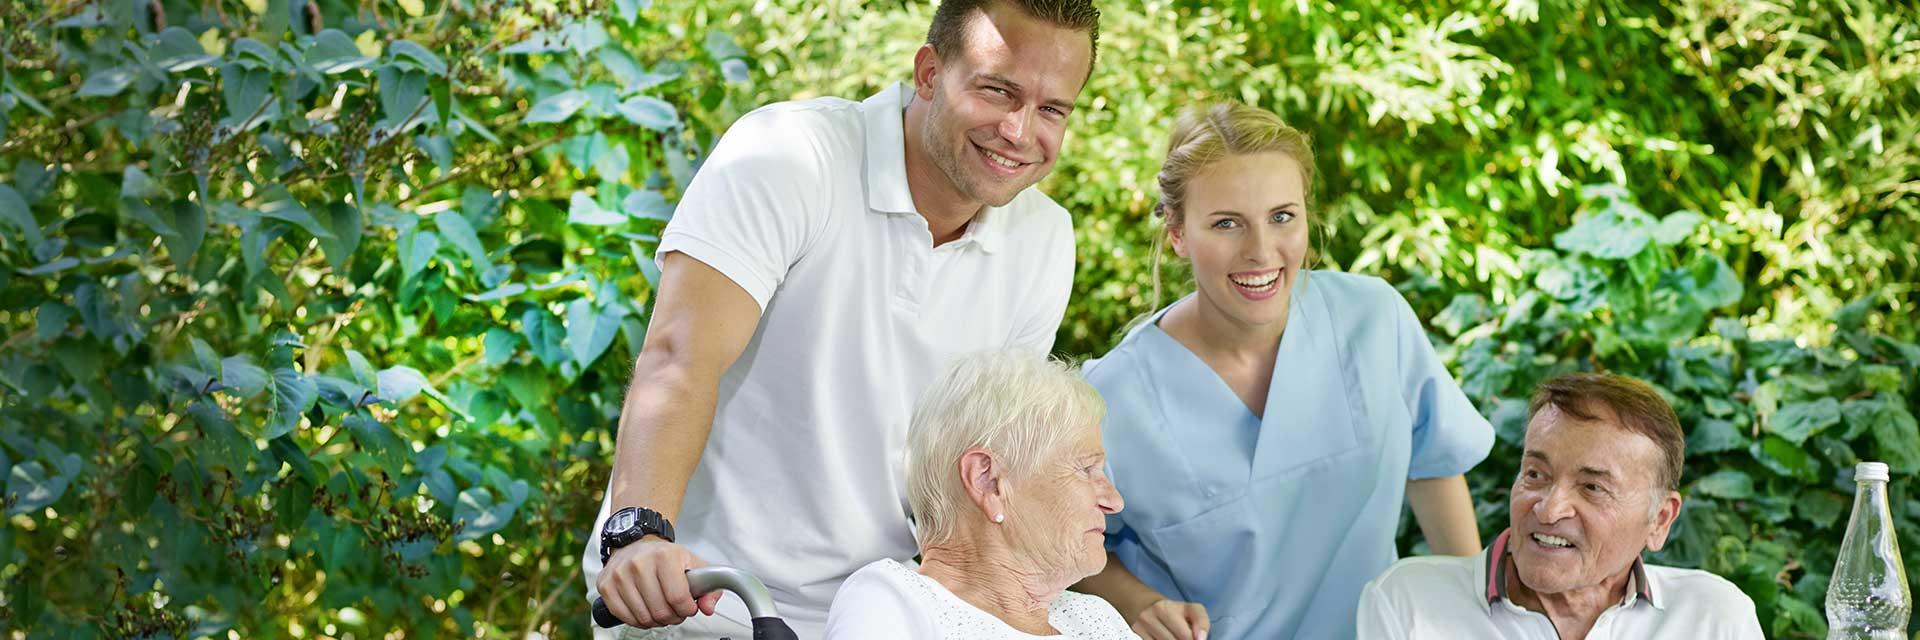 Ein männlicher und eine weibliche Pflegerin lachen in die Kamera, während sie zwei pflegebedürftige Senioren im Rollstuhl vor sich schieben